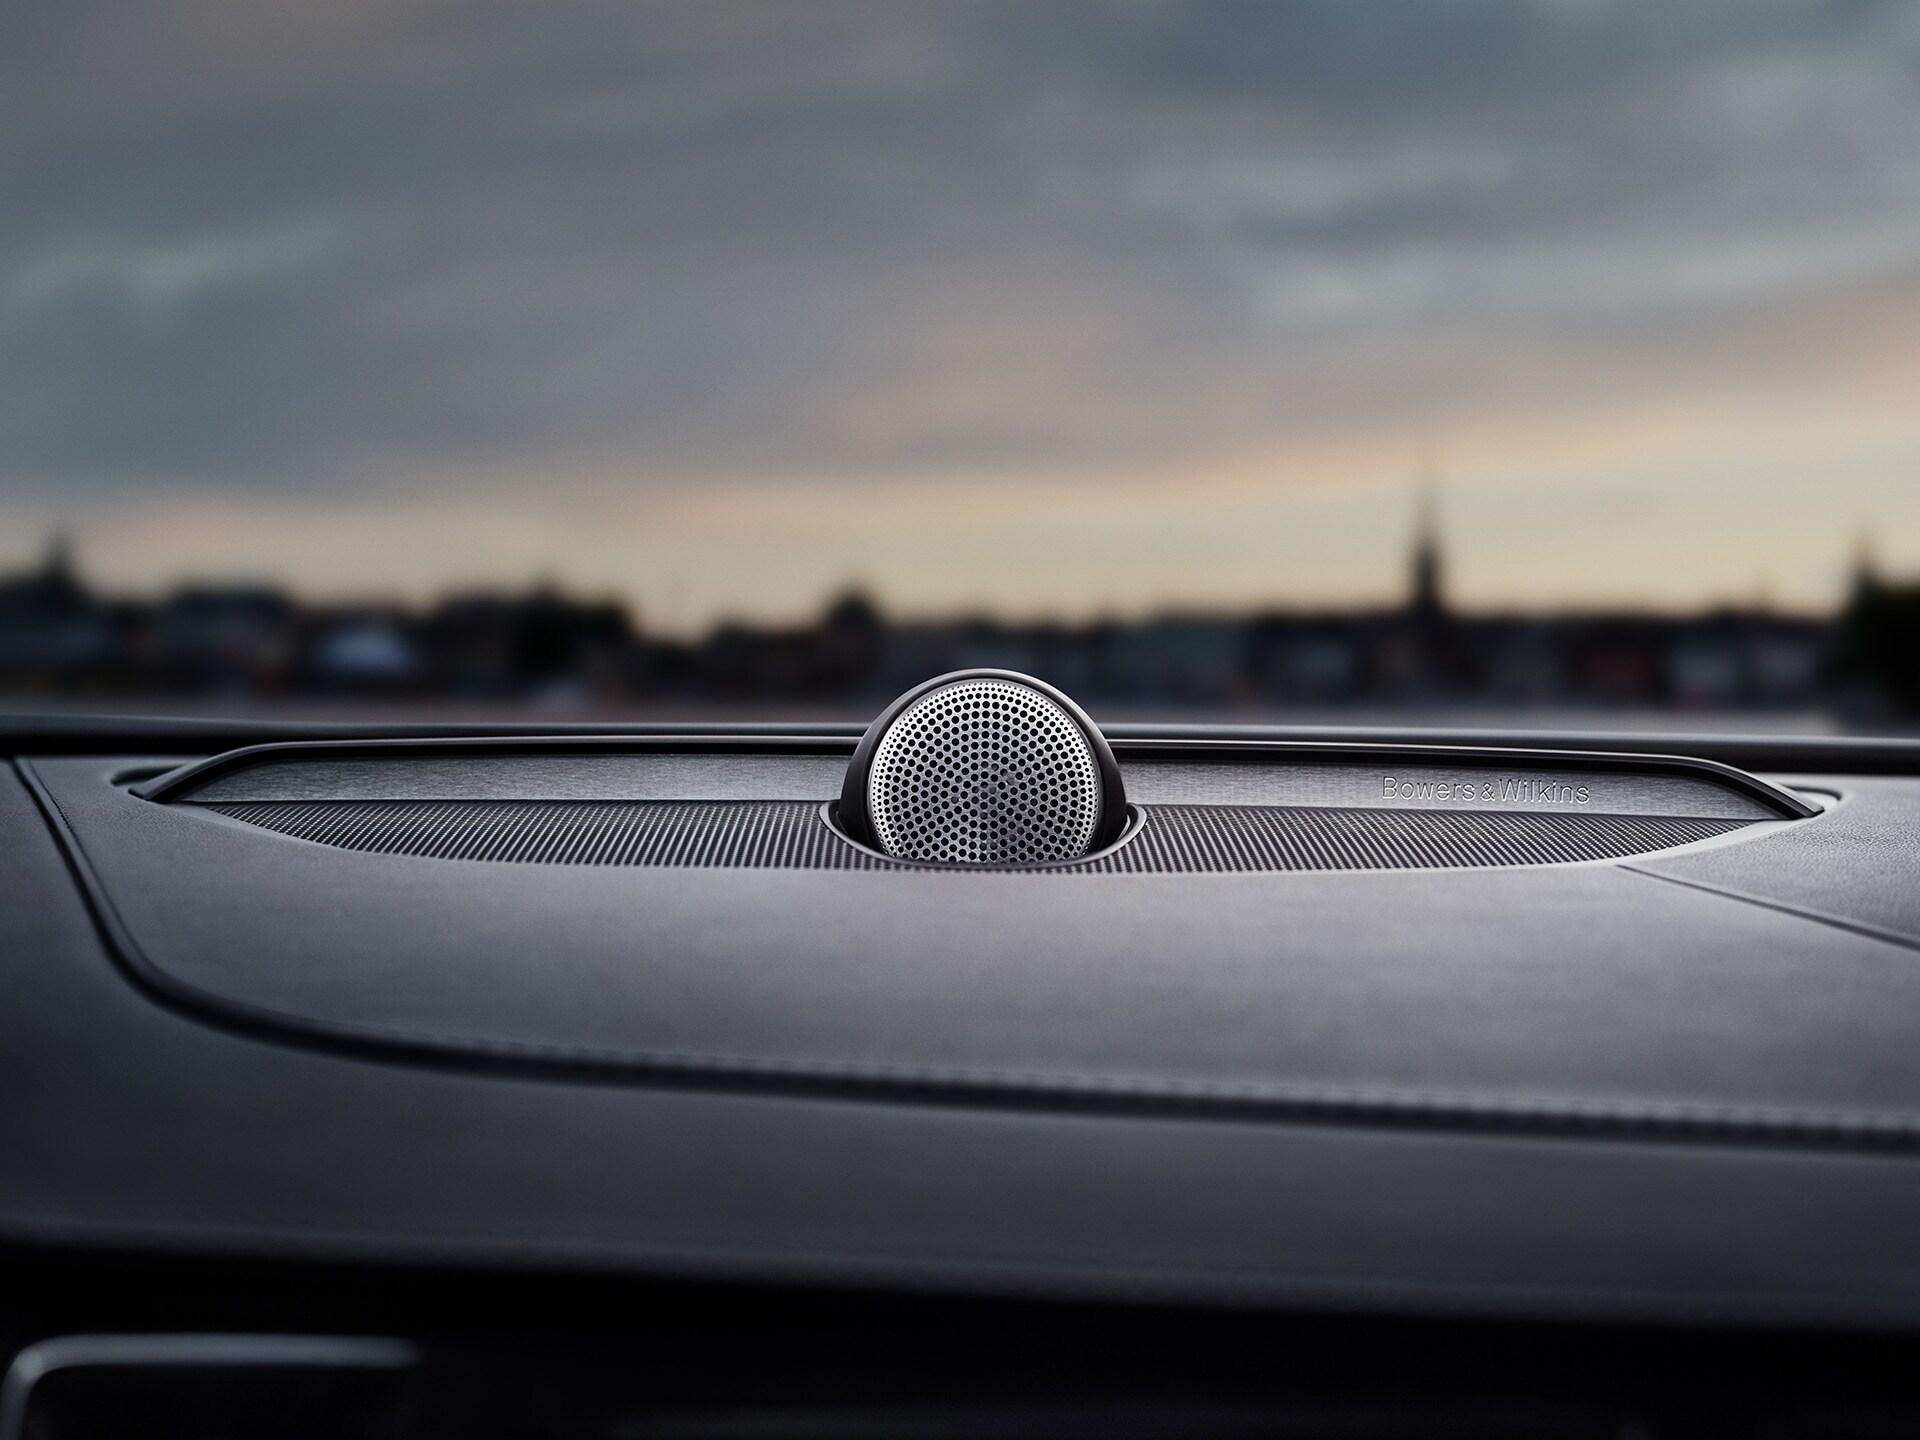 Difuzoare Bowers & Wilkins în interiorul unui Volvo XC90.